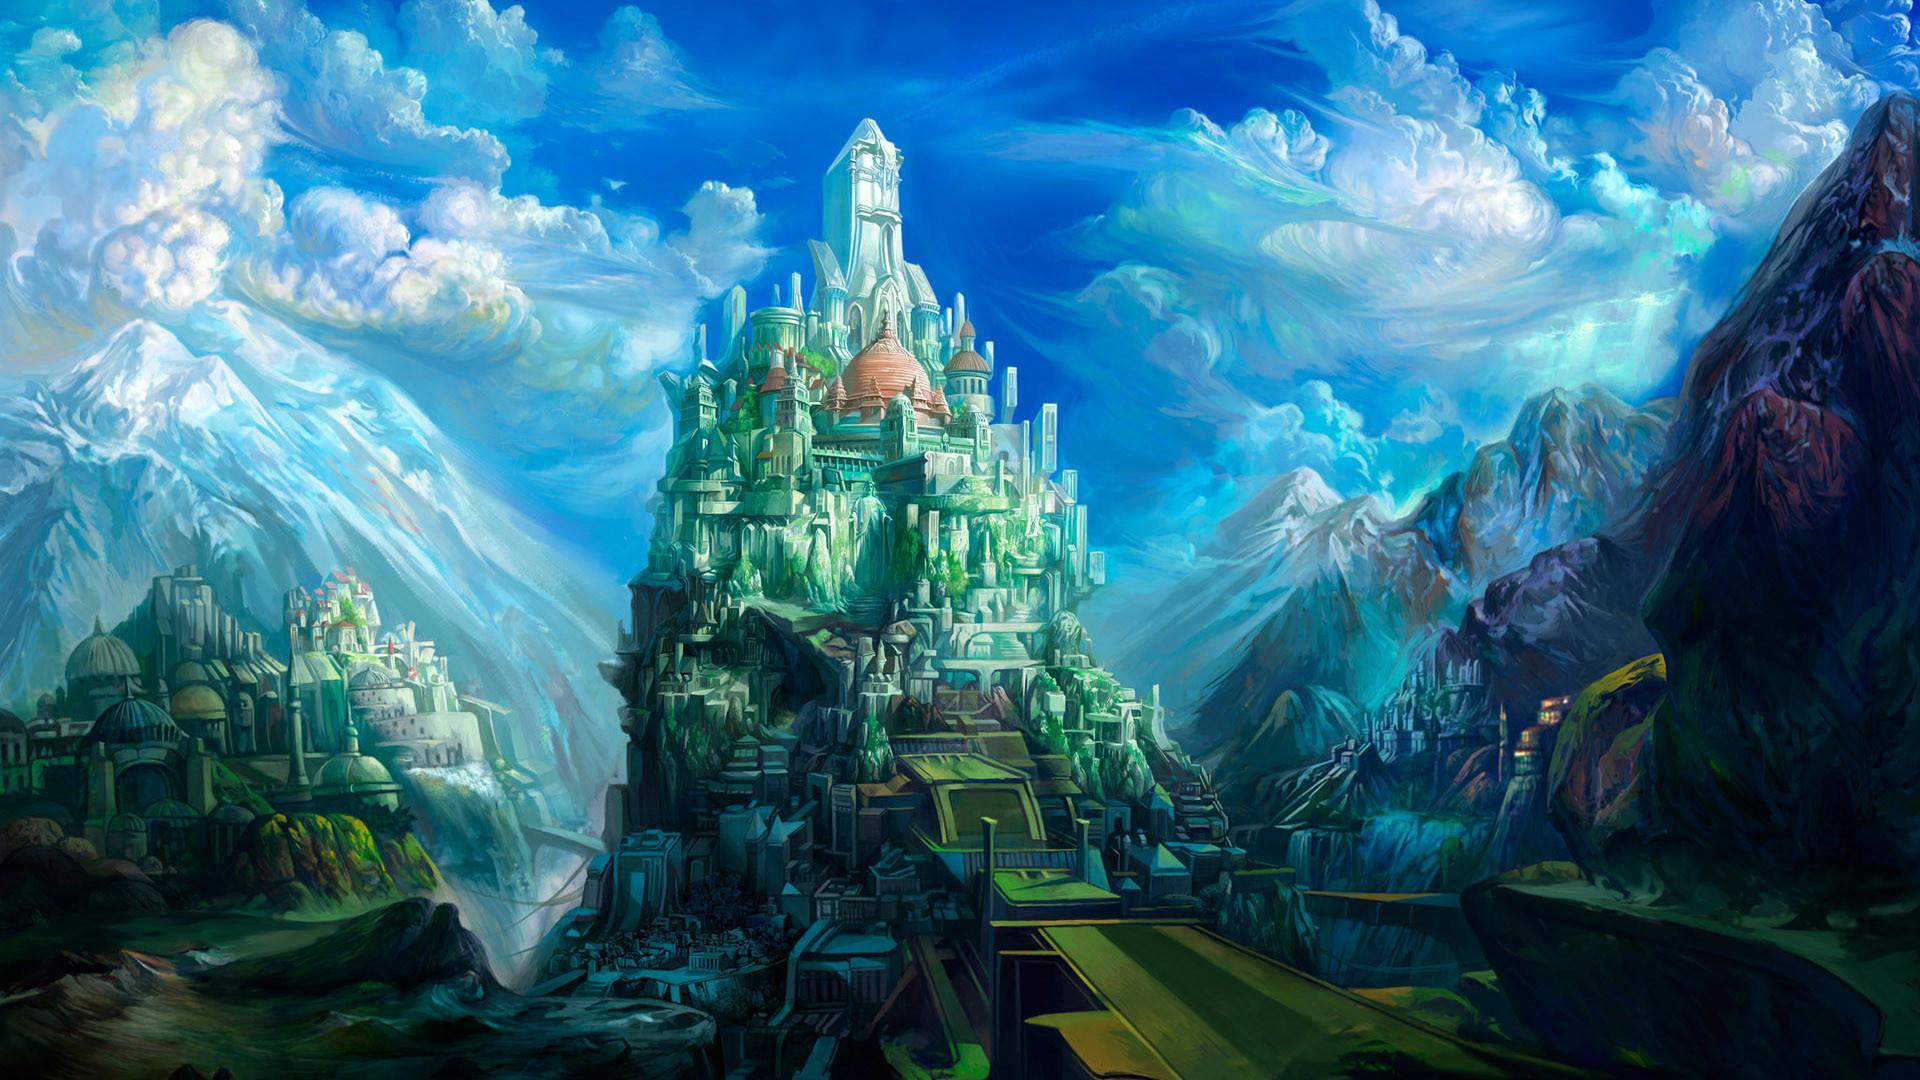 fantasy land wallpaper (67+ images)